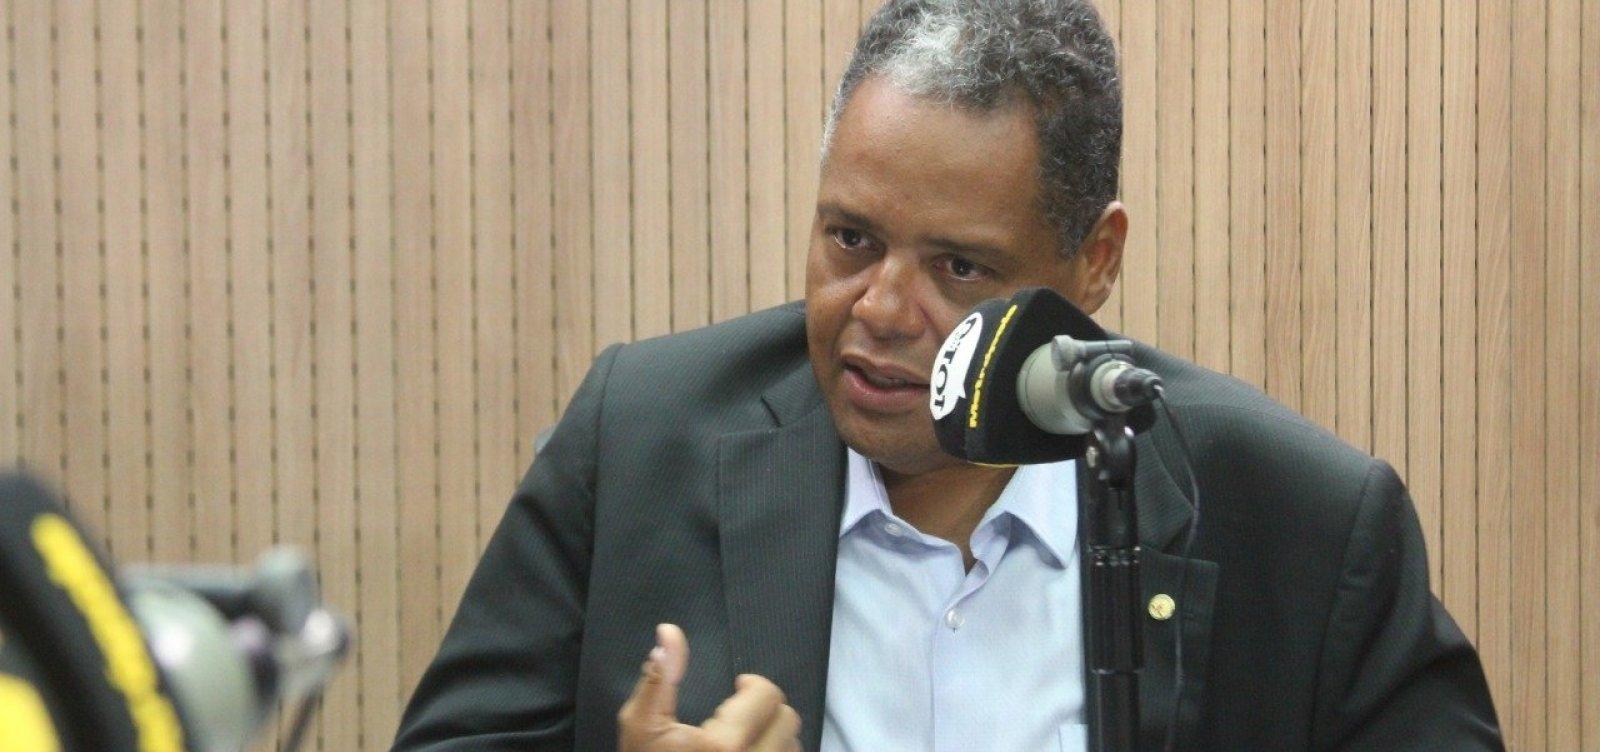 Antonio Brito reforça posição do PSD sobre reforma da Previdência: 'Como está o texto hoje, não apoiamos'